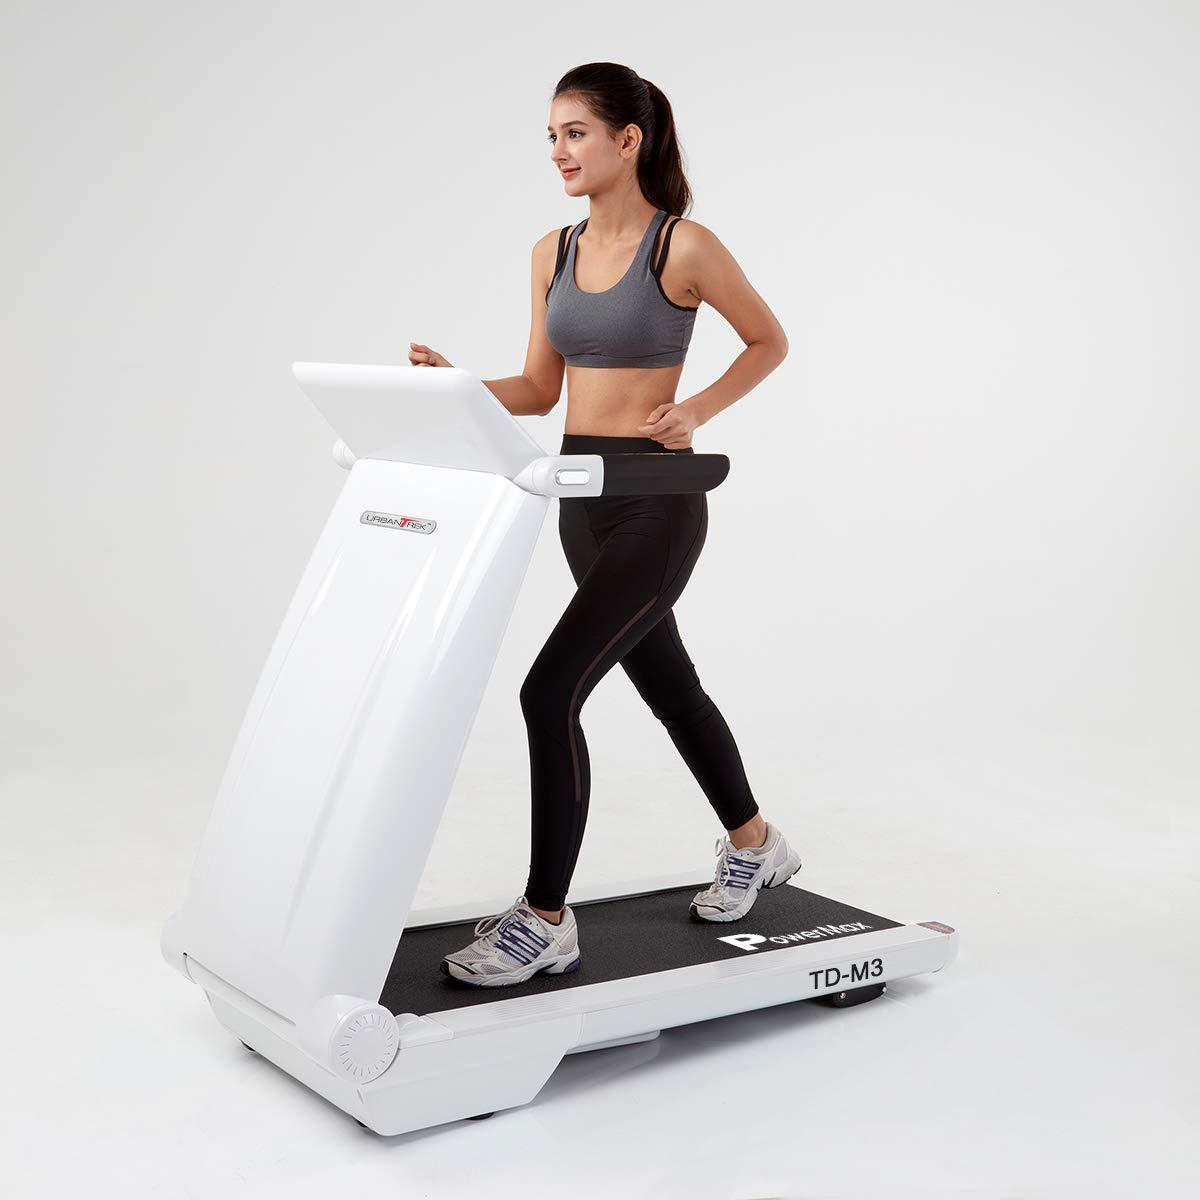 Powermax Fitness TD-M3 Urbantrek Flat Design 2.0 HP 100%